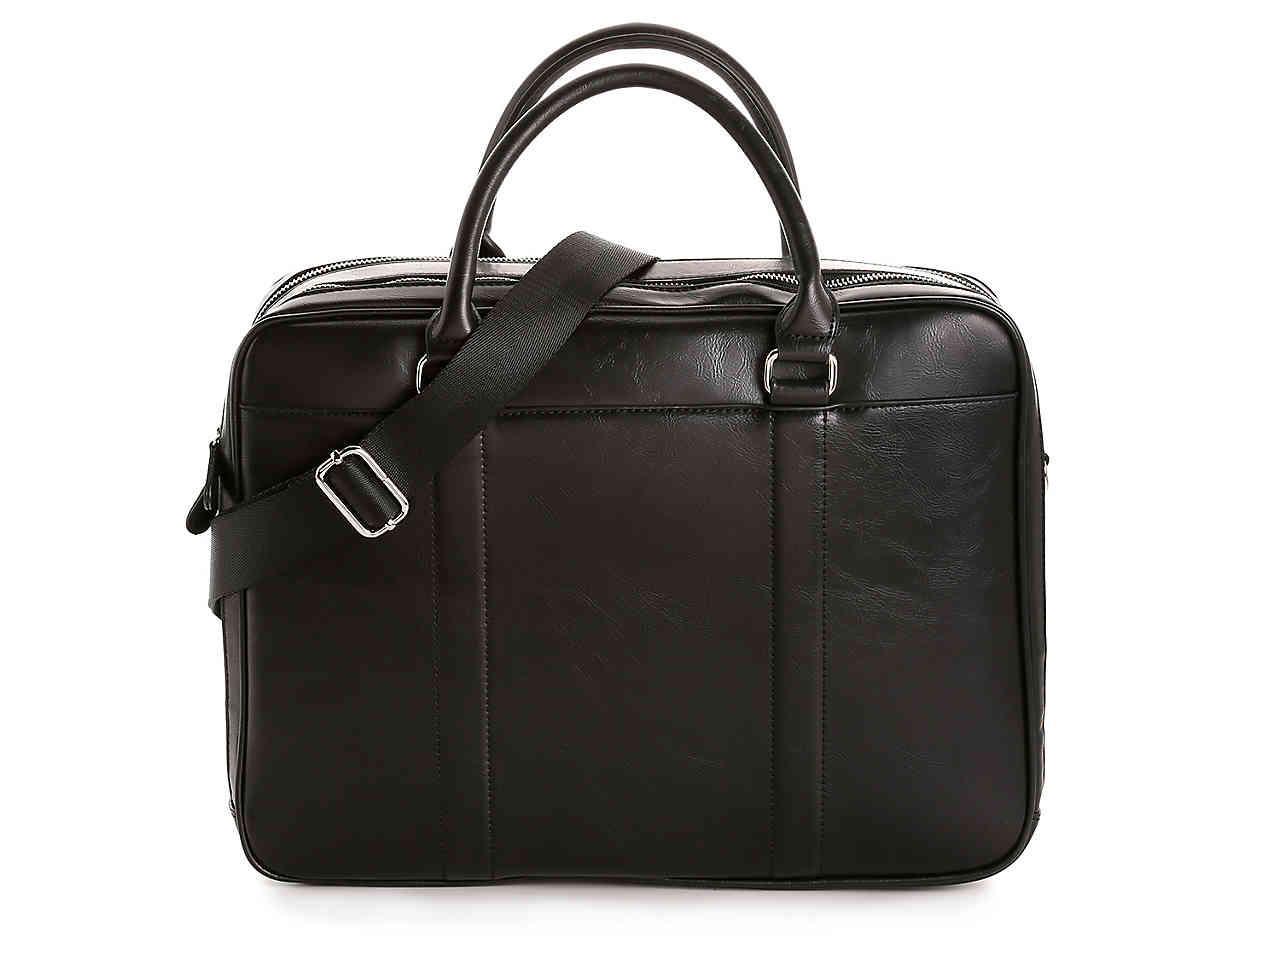 b37e18cf6c5 Lyst - ALDO Agrorien Messenger Bag in Black for Men